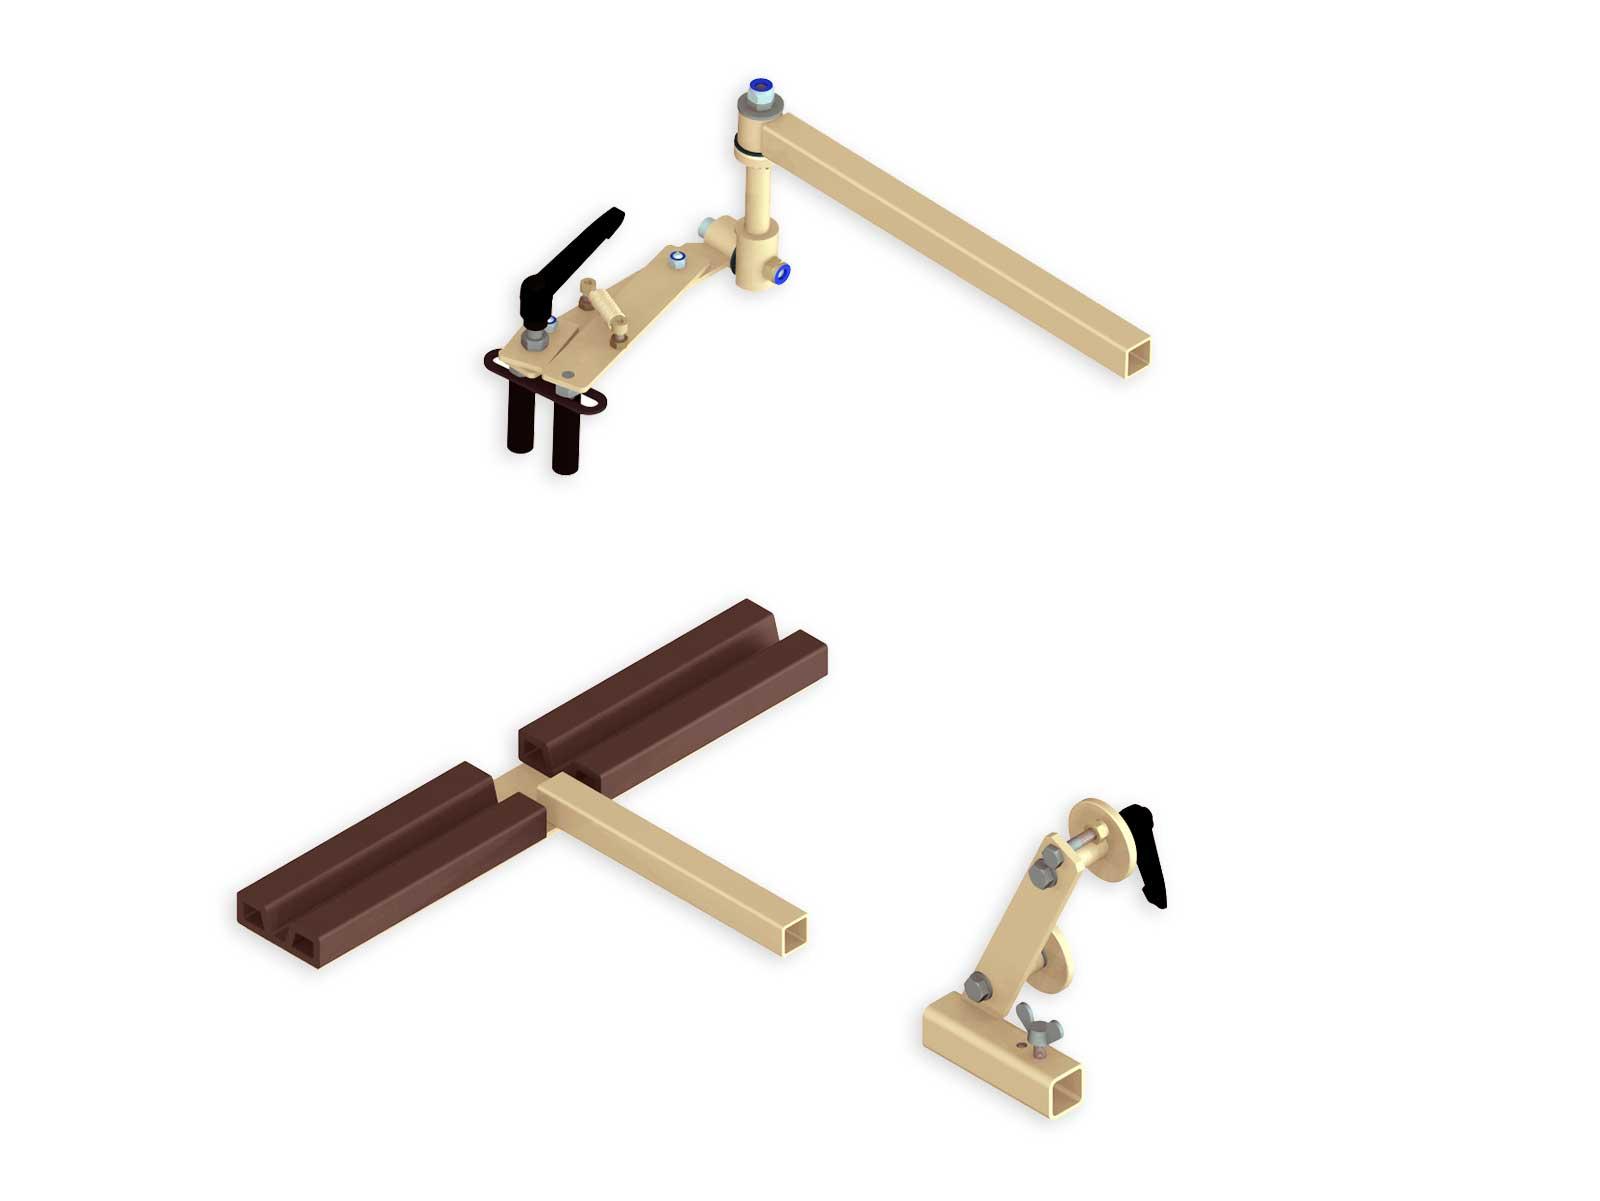 dent-pulling-door-handling-set